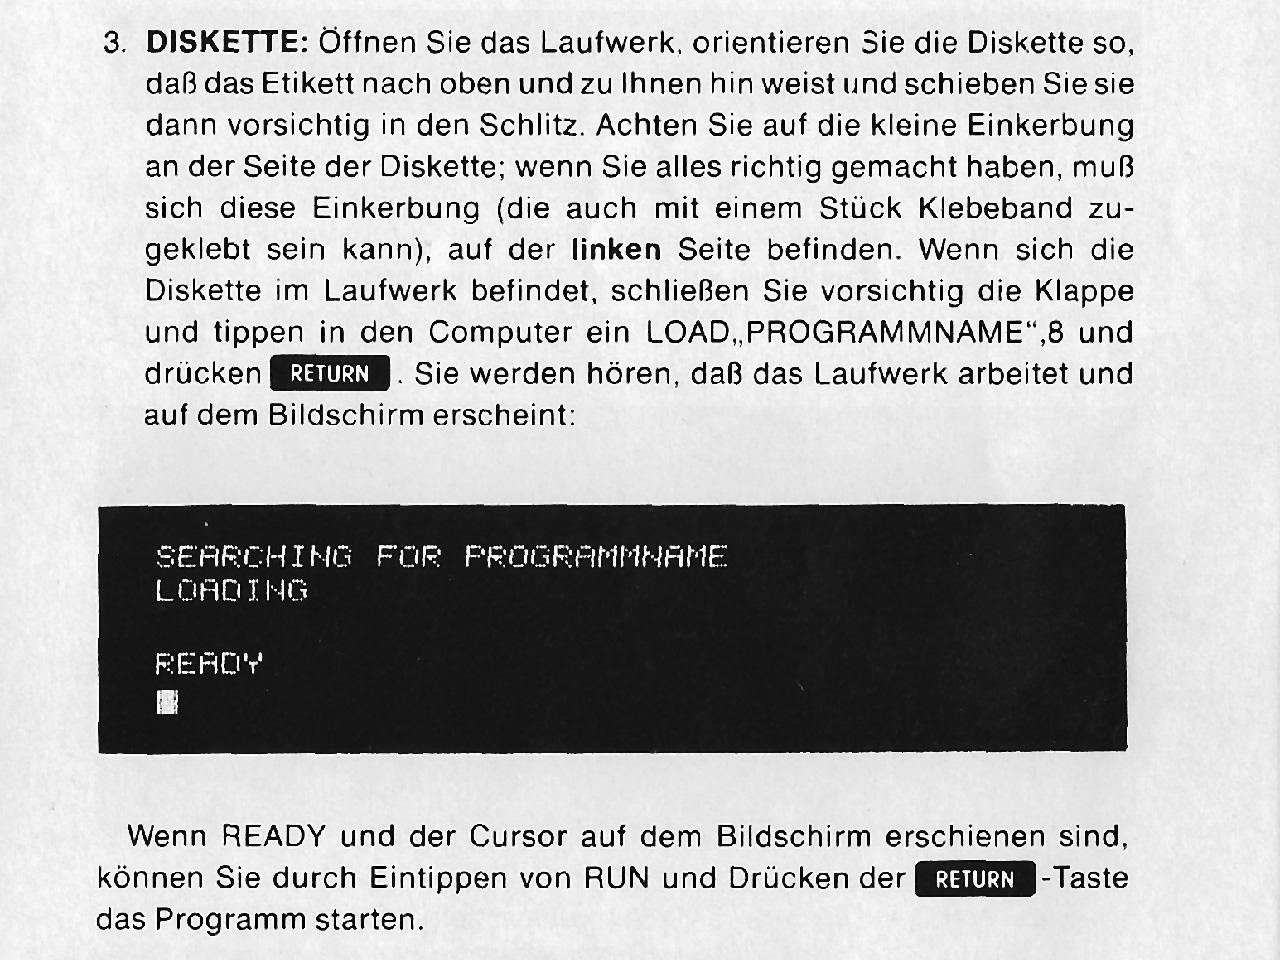 Die ominöse Seite der C64 Anleitung, welche meinen Vater fast in den Wahnsinn trieb. (Quelle: Commodore 64 Microcomputer Handbuch)